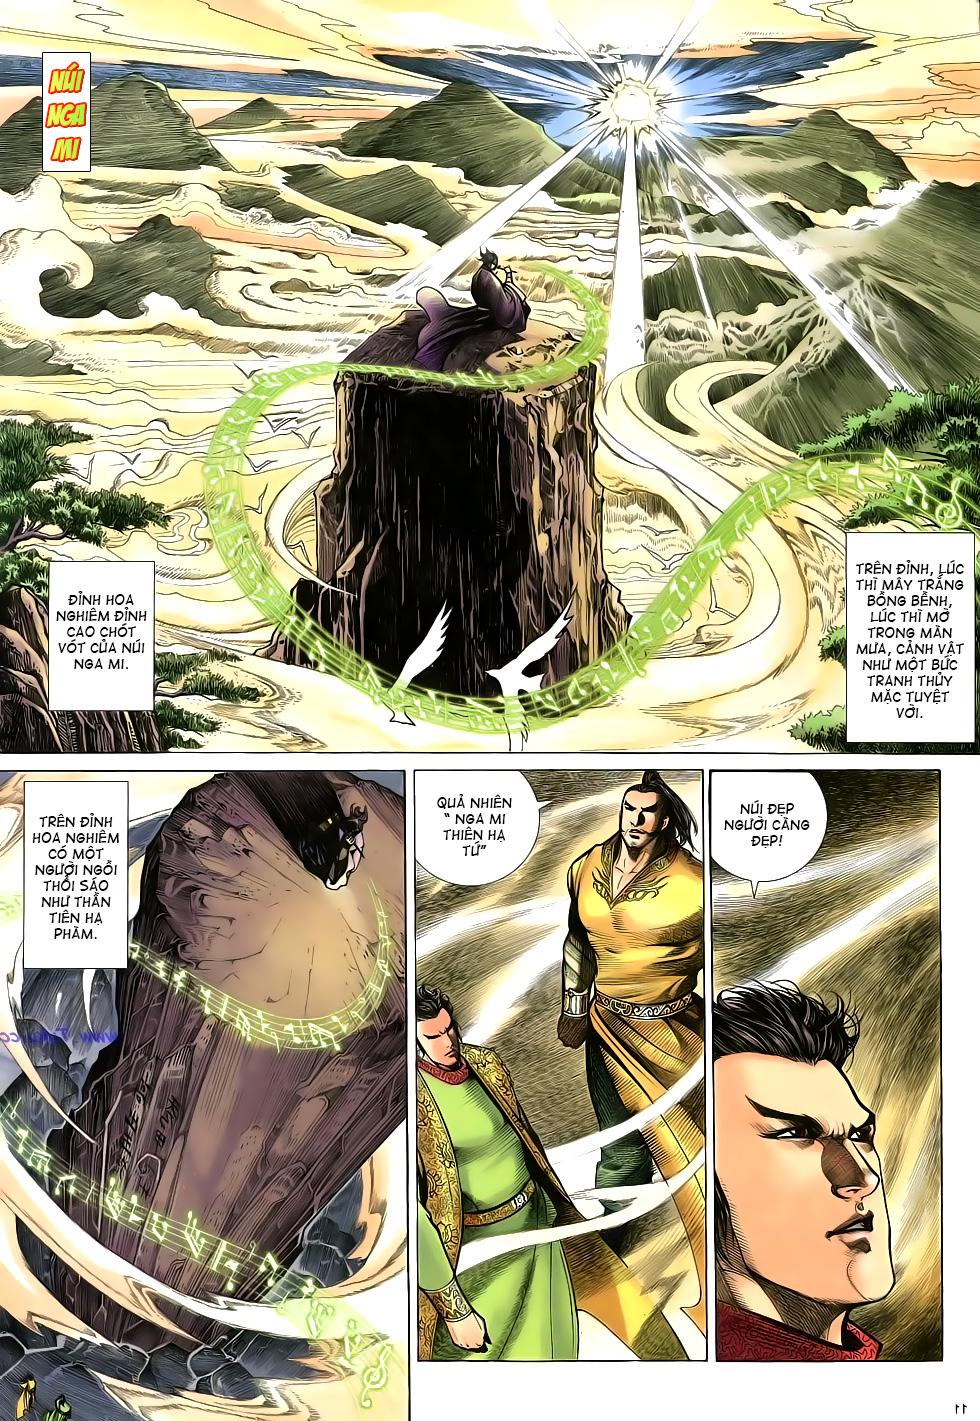 Anh hùng vô lệ Chap 16: Kiếm túy sư cuồng bất lưu đấu  trang 12